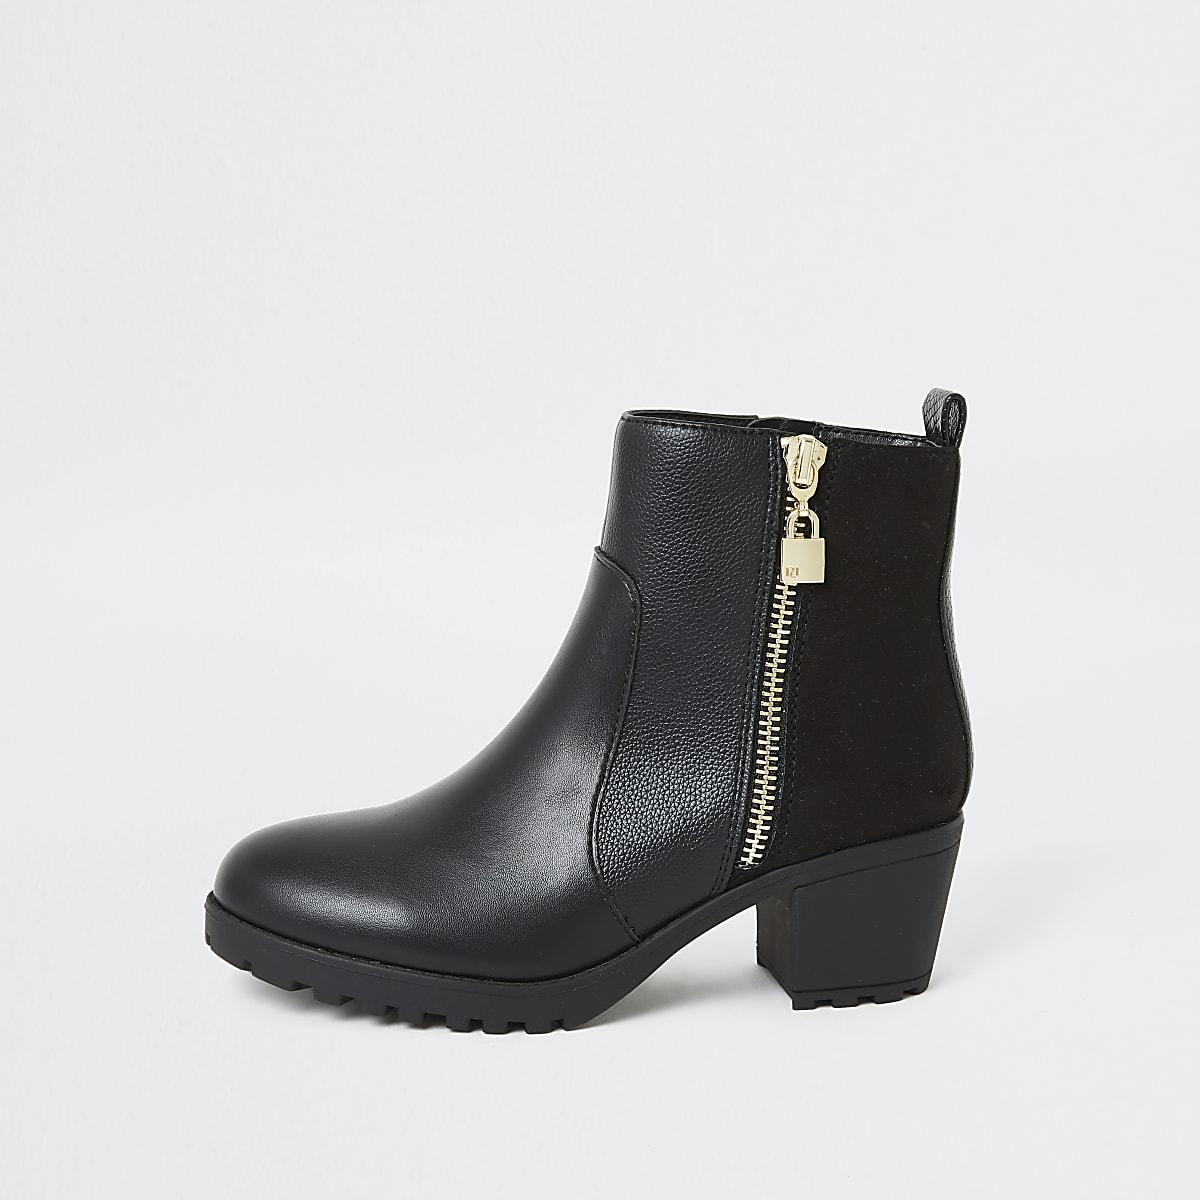 Zwarte laarzen met hak en rits met hangslotbedel voor meisjes